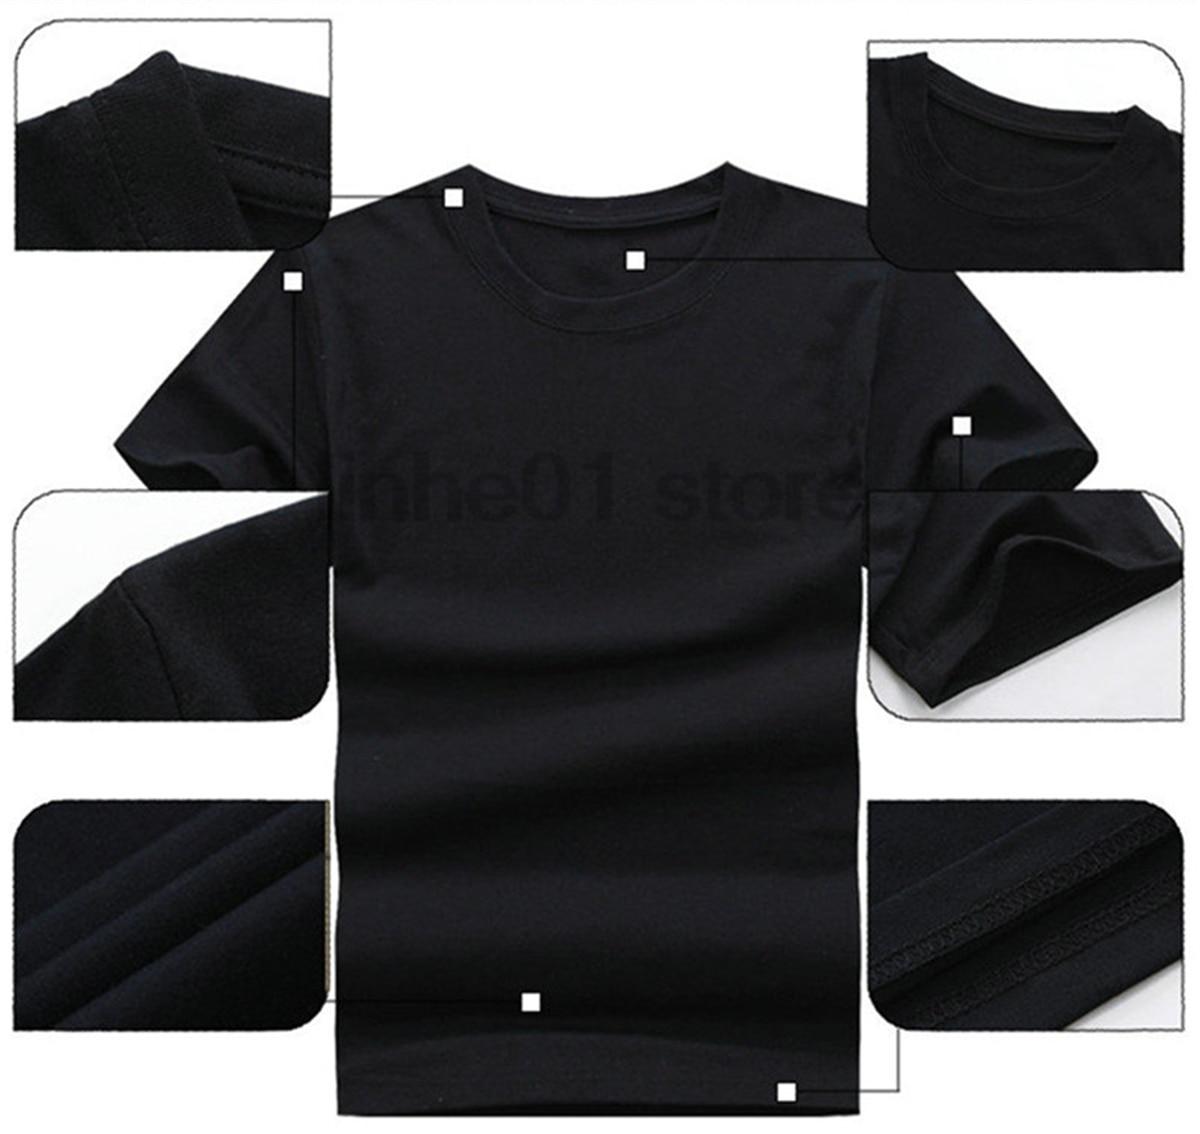 Возьмите забавные Софтбол Бейсбол рубашка шаг я буду Слизень вы летучая мышь тройник Для женщин футболка